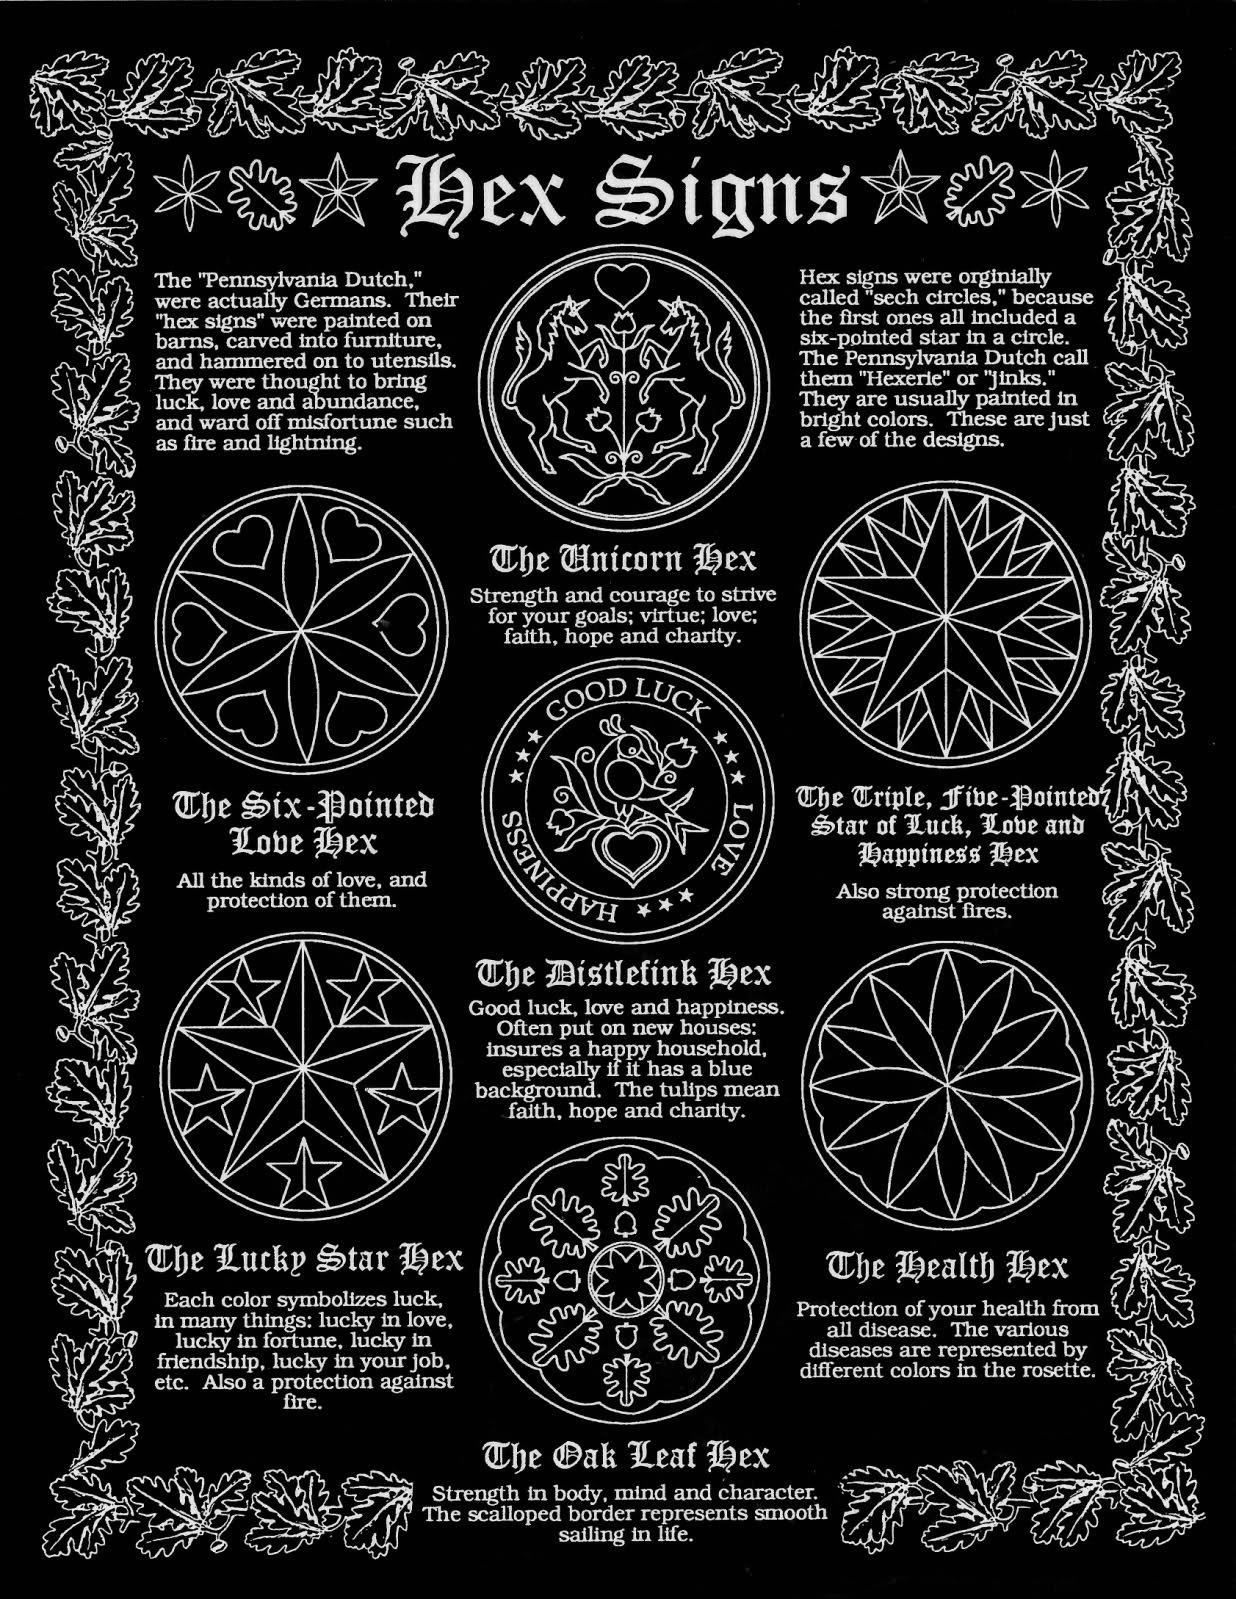 Pennsylvania Dutch Hex Signs The Pennsylvania Dutch Were Actually